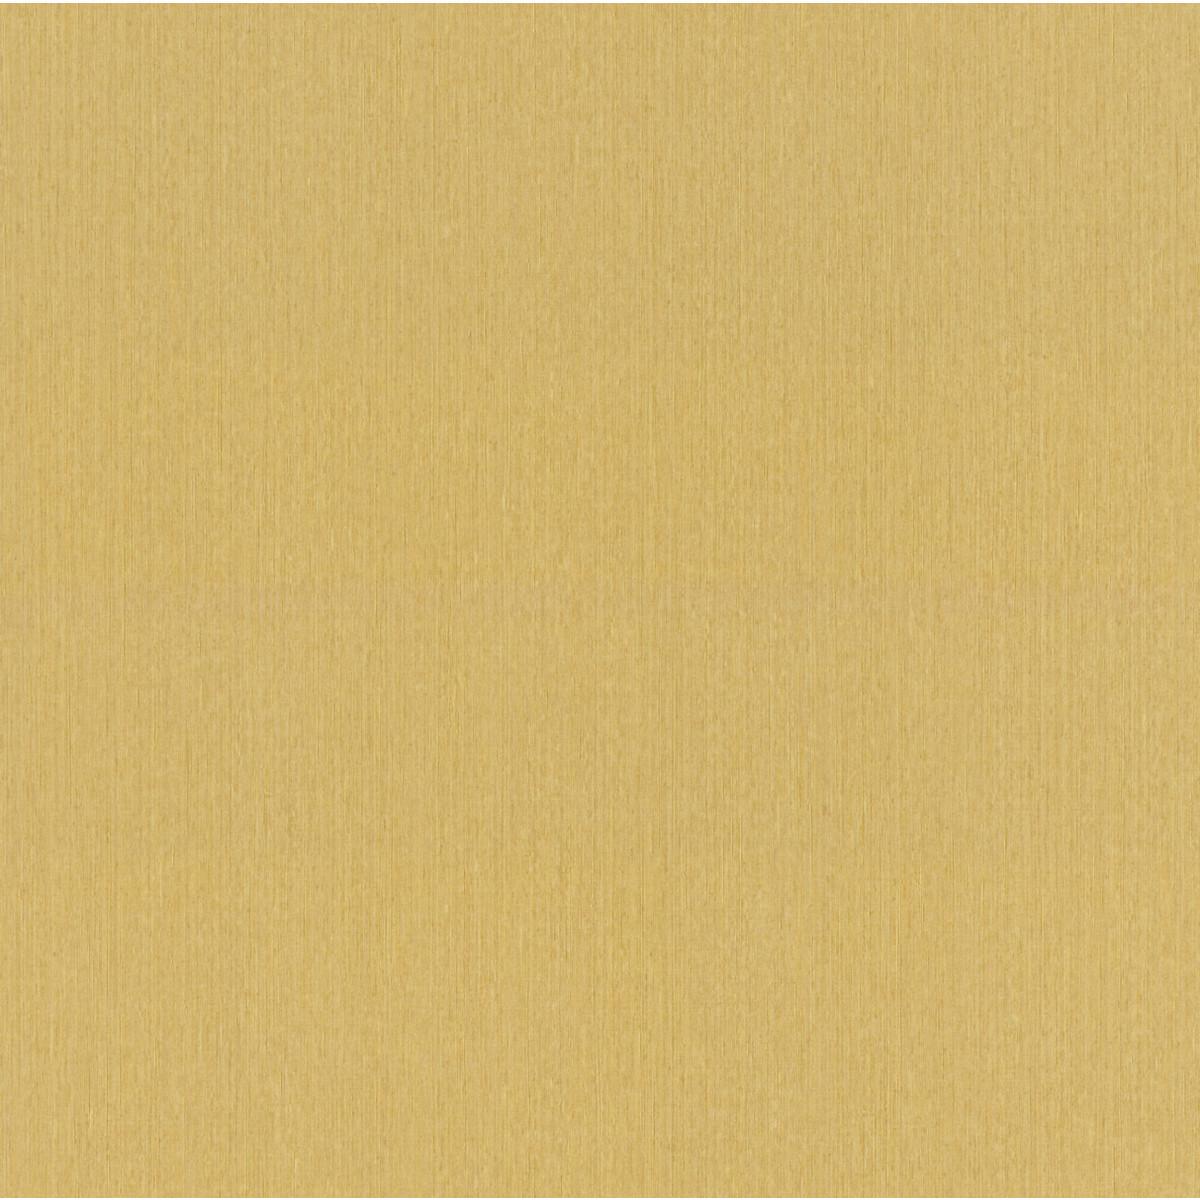 Обои флизелиновые Rasch Barbara XL желтые 800586 1.06 м